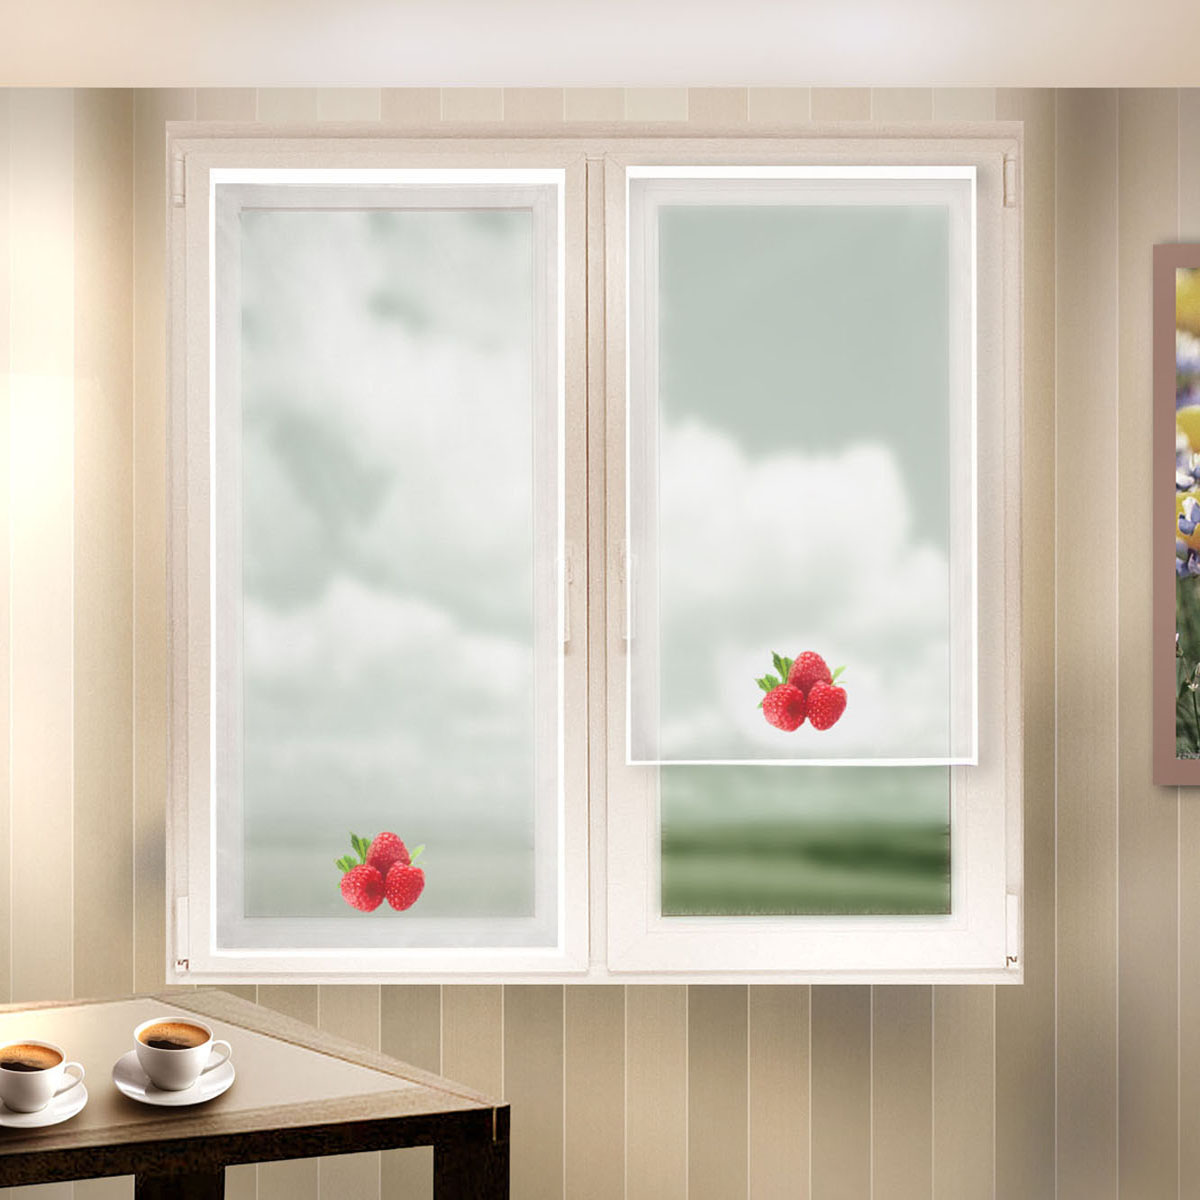 Гардина Zlata Korunka, на липкой ленте, цвет: белый, высота 140 см, 2 шт. 666054666054Гардина на липкой ленте Zlata Korunka, изготовленная из легкого полиэстера, станет великолепным украшением любого окна. Полотно из белой вуали с печатным рисунком привлечет к себе внимание и органично впишется в интерьер комнаты. Крепление на липкой ленте, не требующее сверления стен и карниза. Многоразовое и мгновенное крепление.